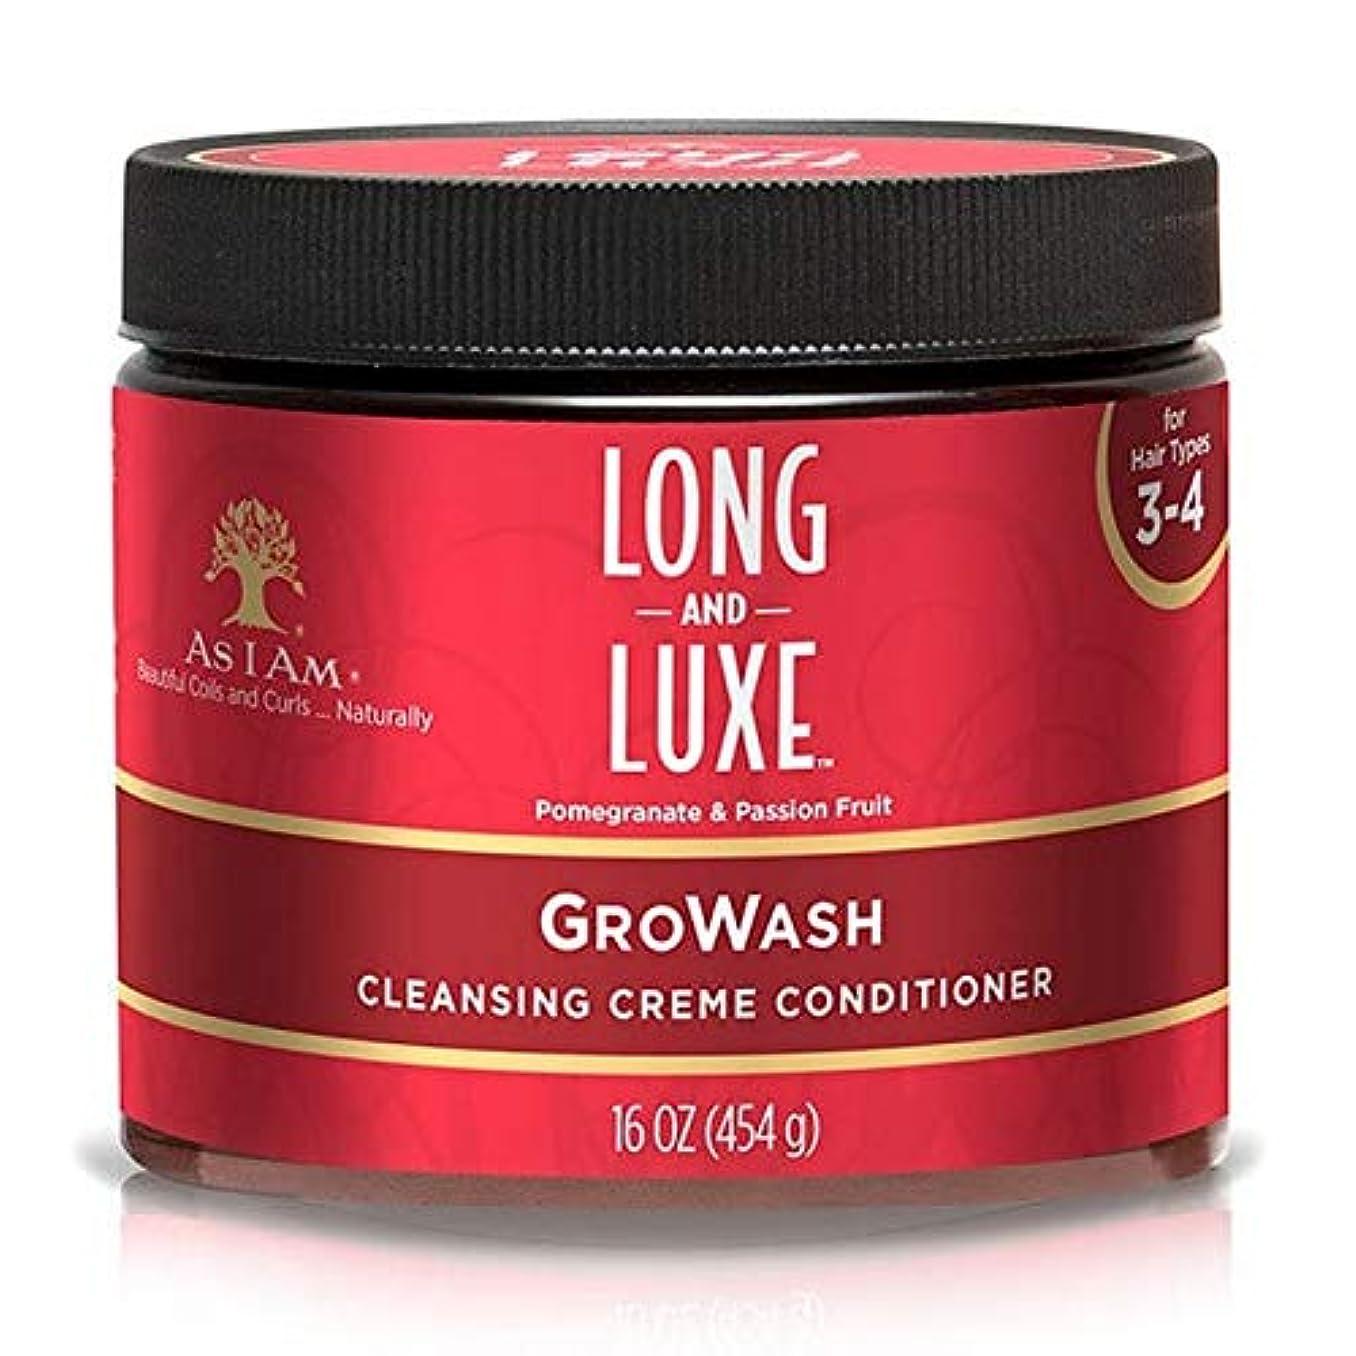 答えビリーヤギスプレー[AS I AM] 私は長い&リュクスGroyogurtだとして - As I Am Long & Luxe GroYogurt [並行輸入品]